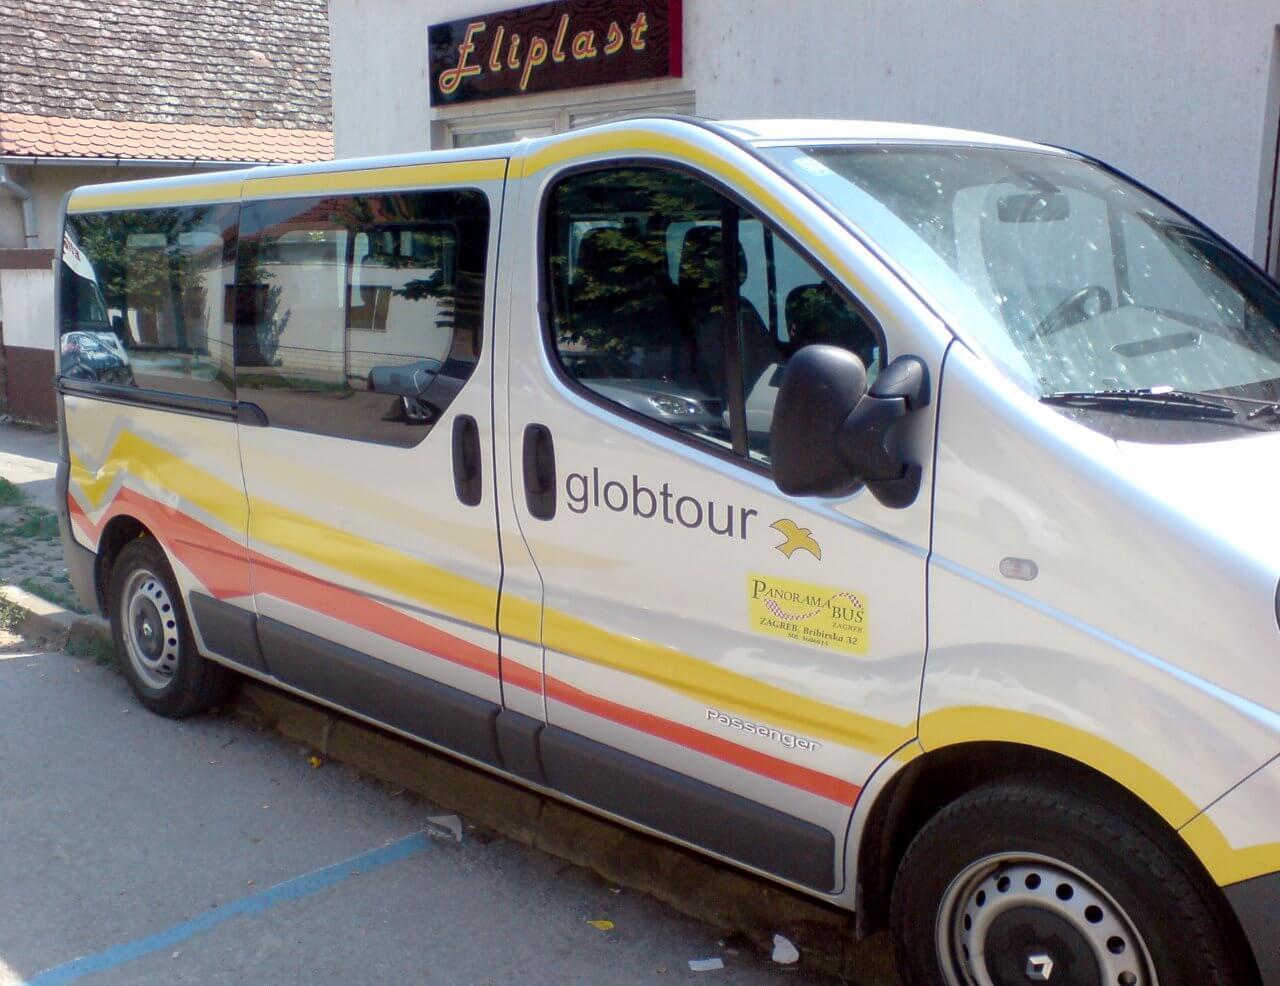 eliplast reklame oslikavanje vozila globtour kombi